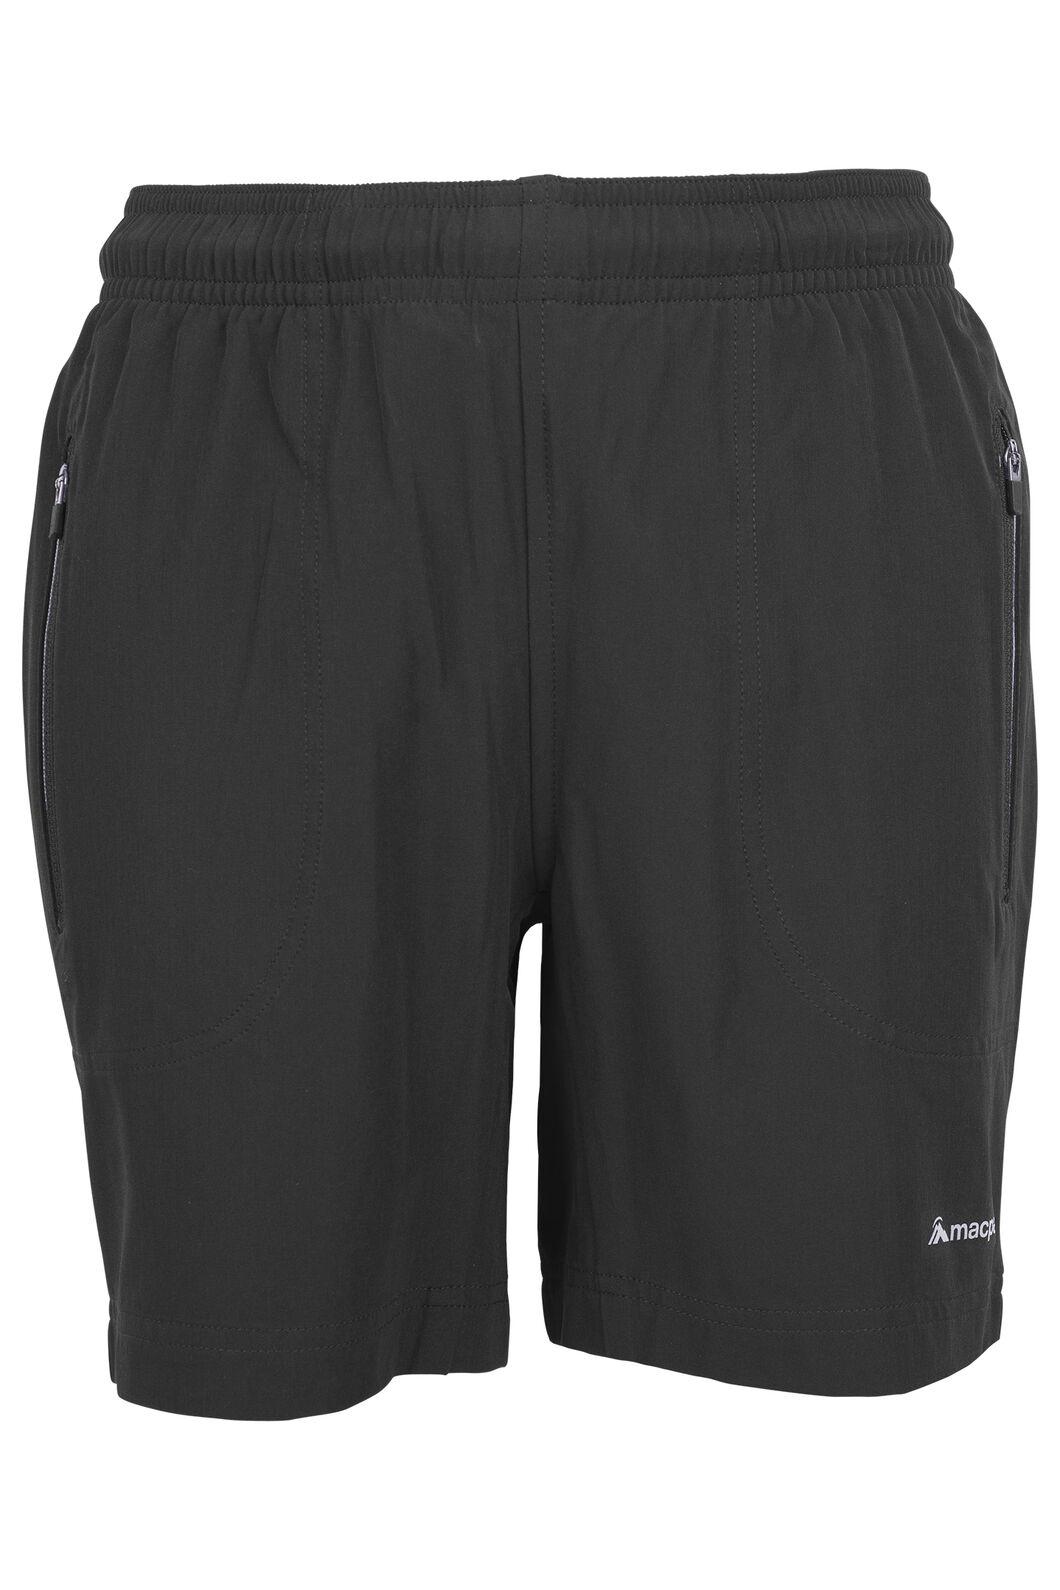 Fast Track Shorts - Kids', Black, hi-res